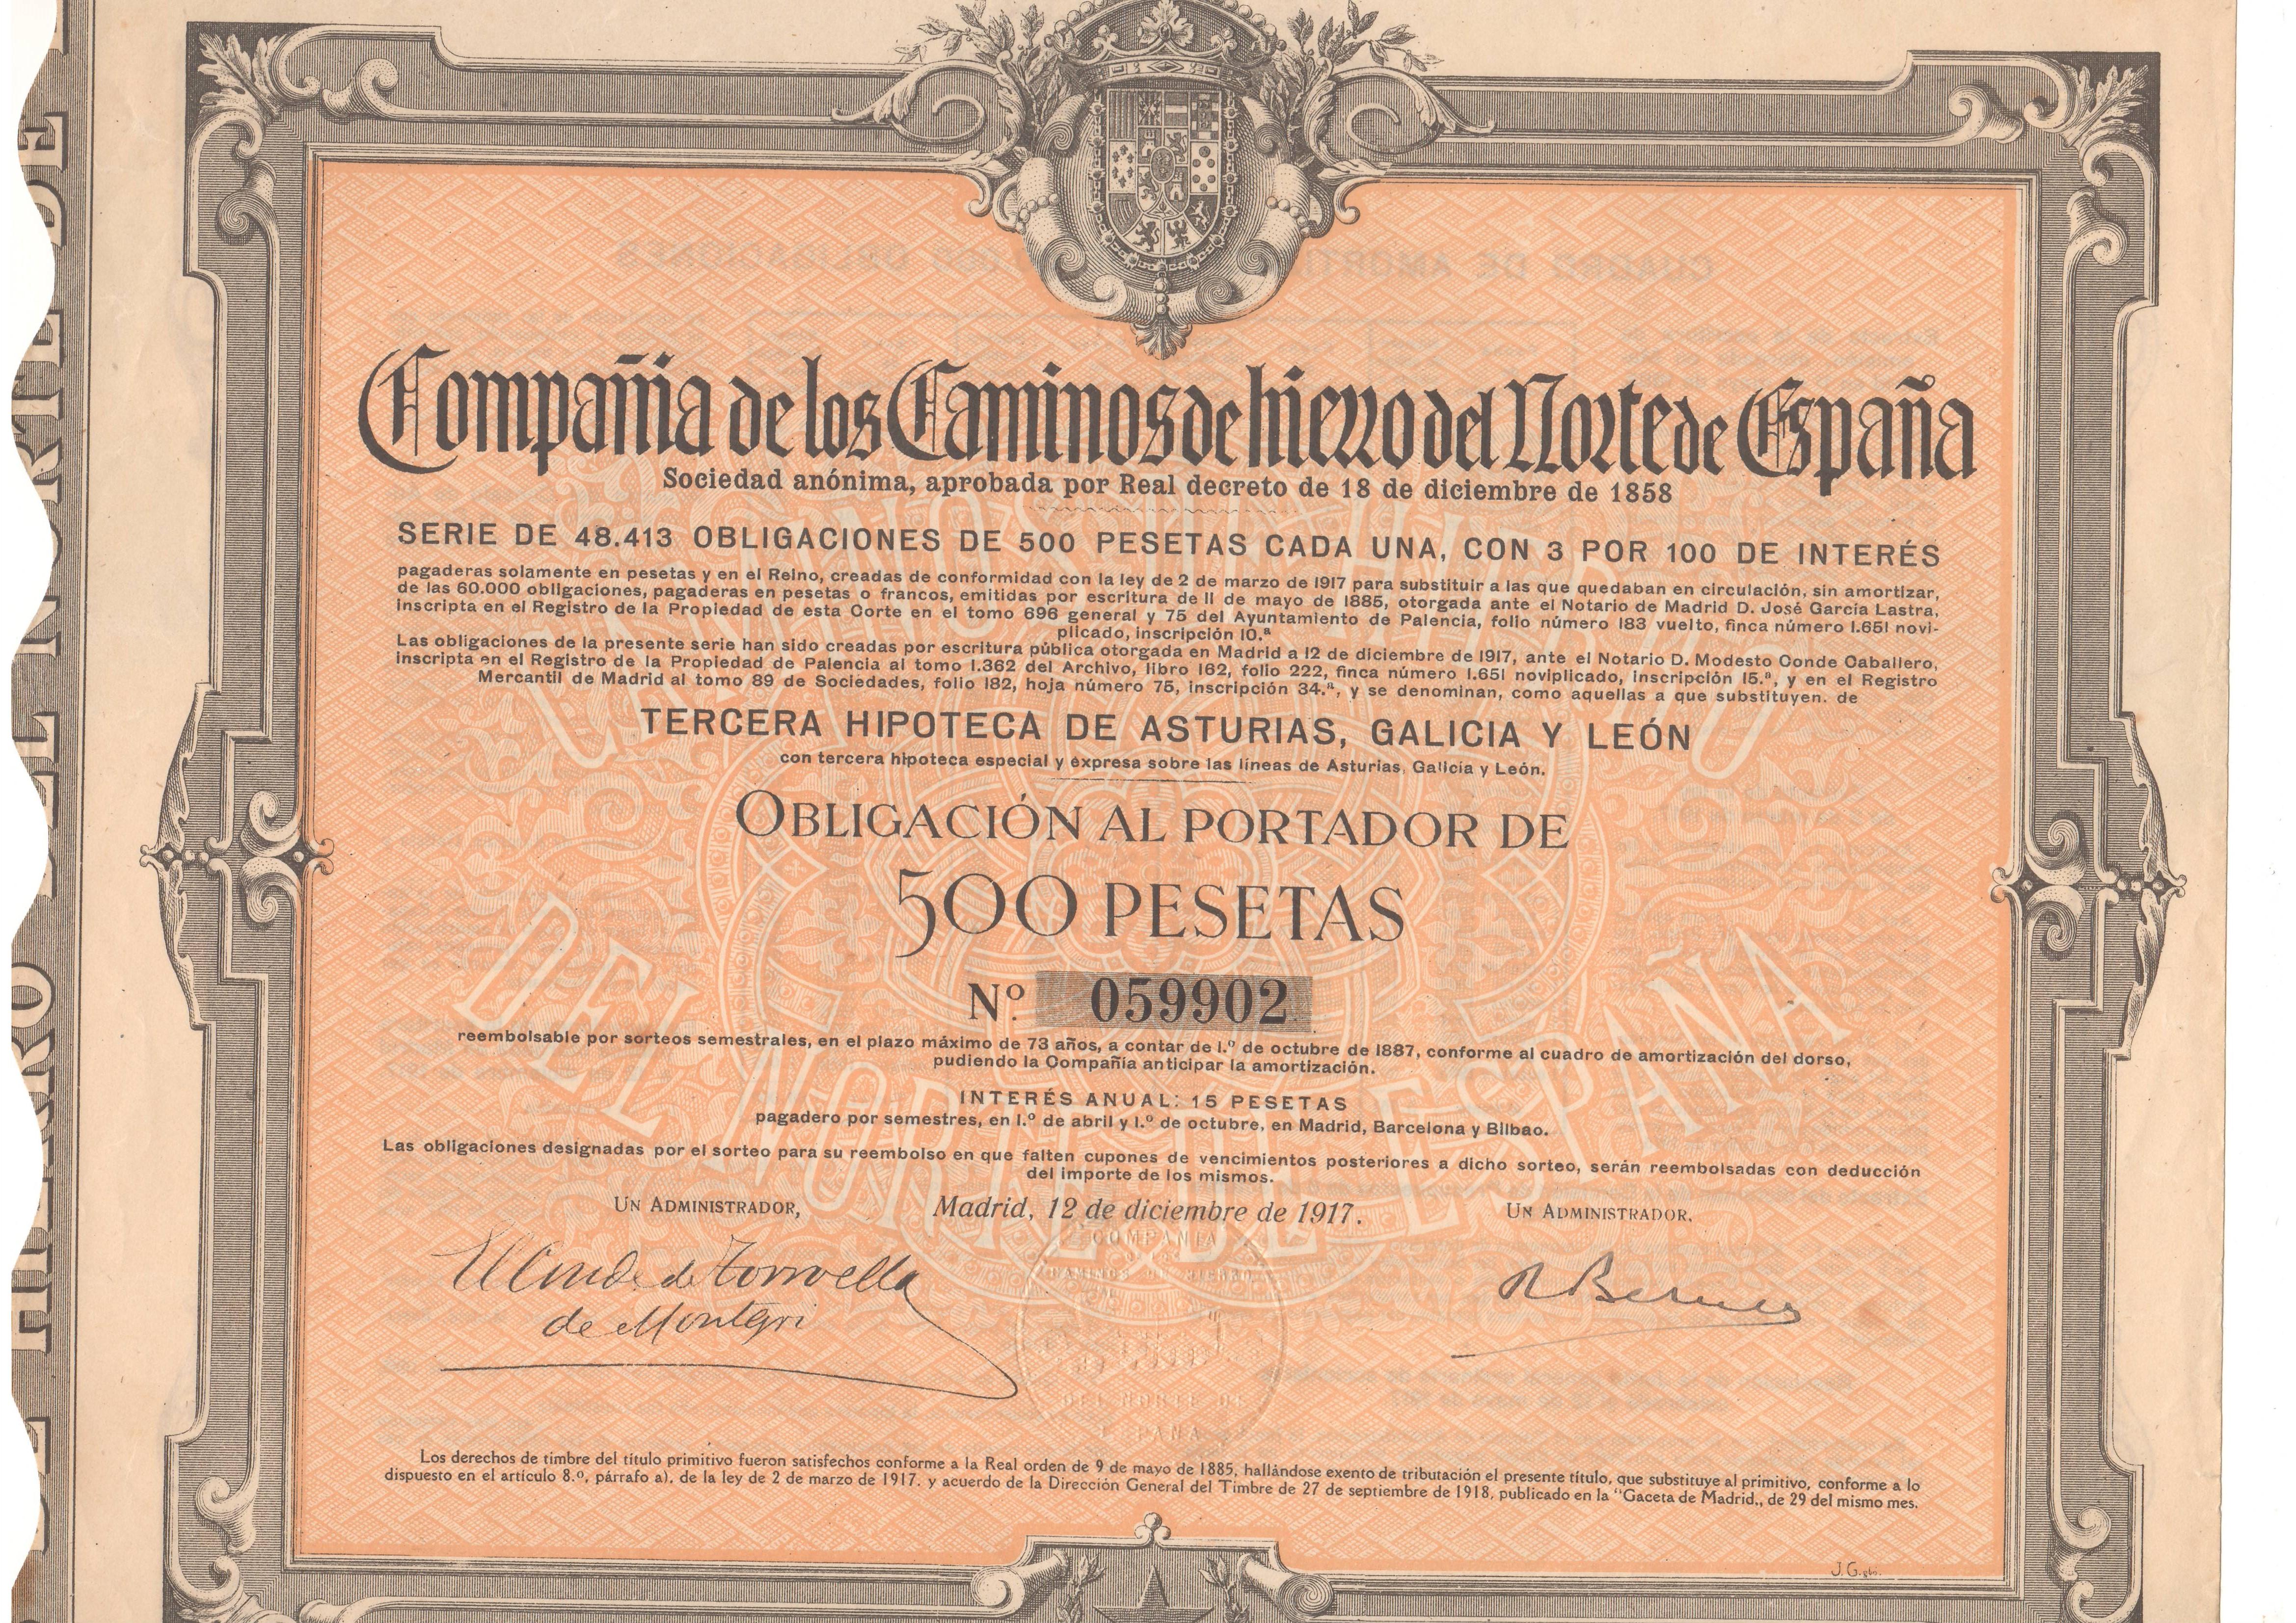 Compañía de los Caminos de Hierro del Norte de España